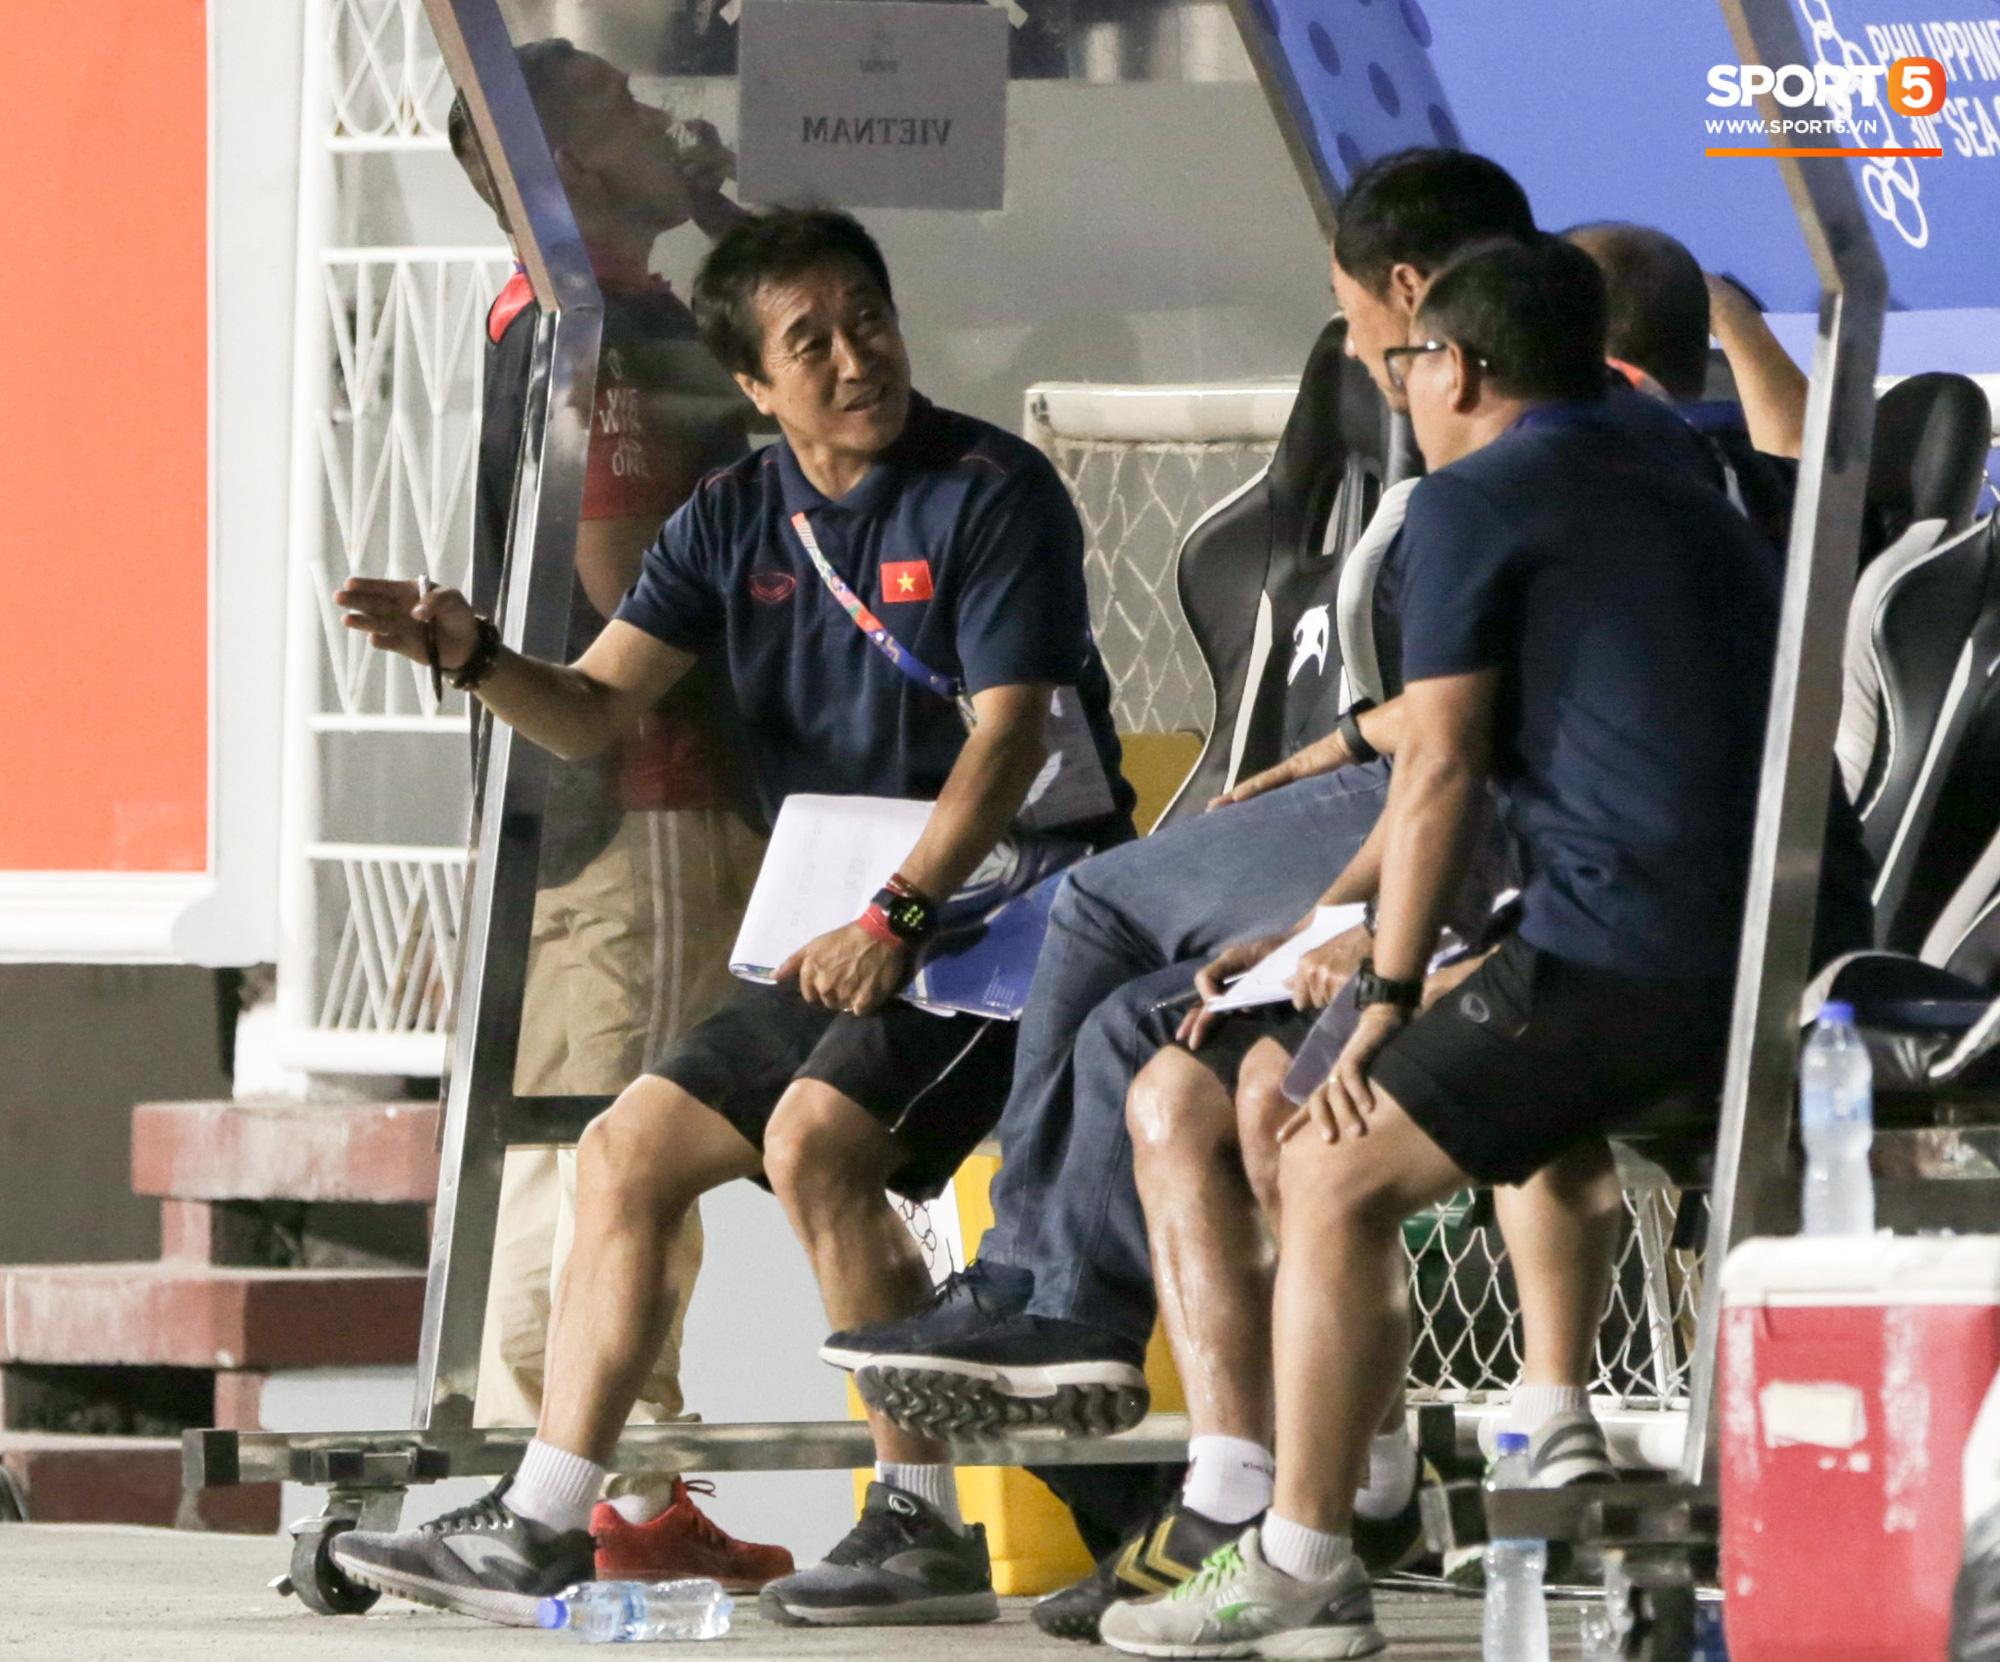 Hình ảnh vừa buồn cười, vừa thương khi bác sĩ của U22 Việt Nam hối hả tiếp nước cho cầu thủ ở trận thắng Indonesia - Ảnh 9.